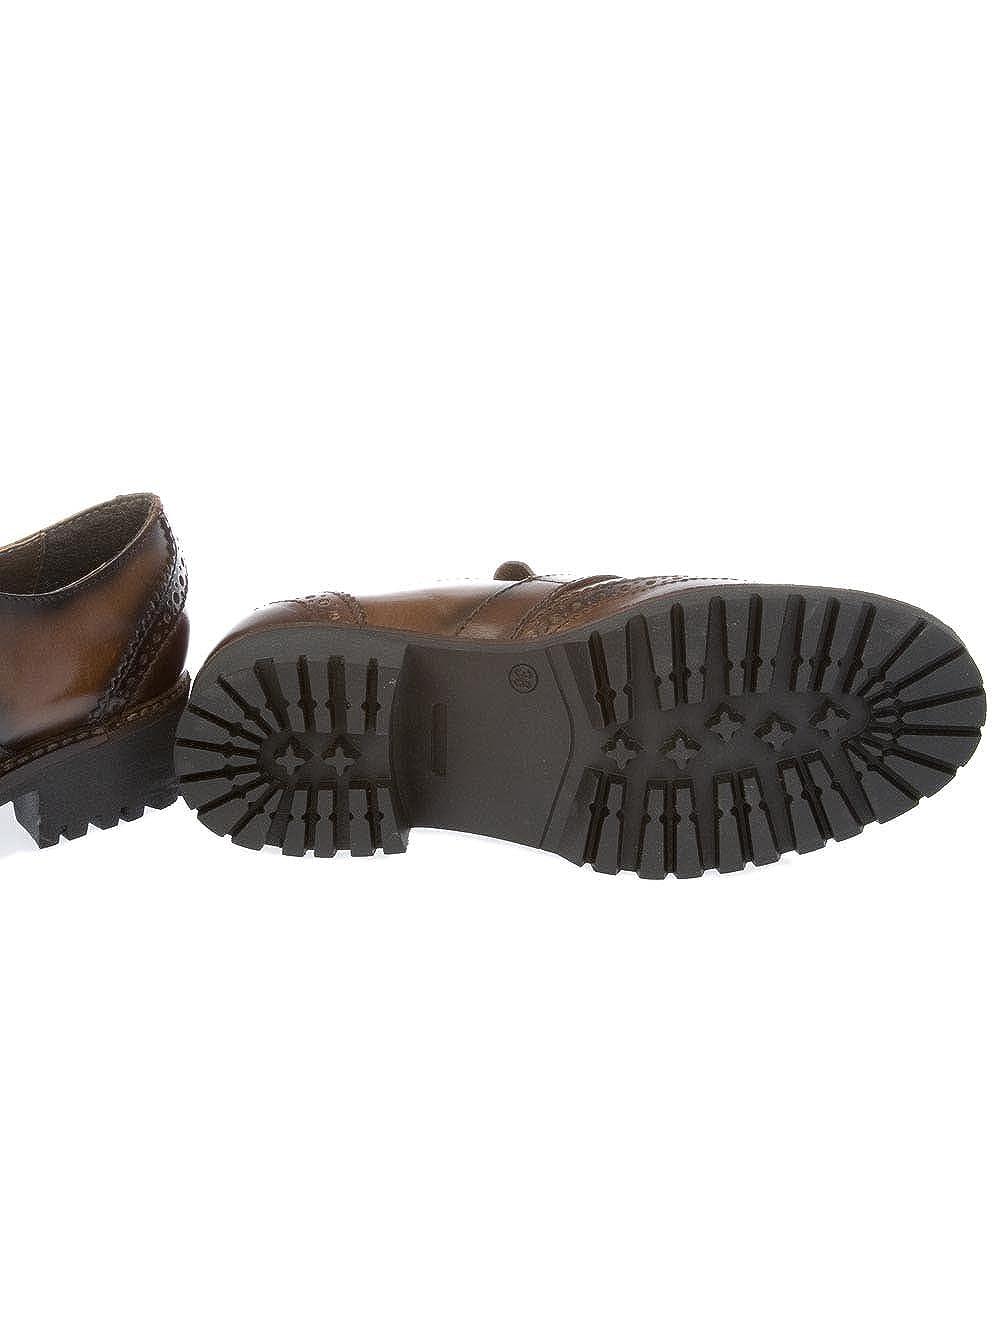 Donnapiu' Mujer 9993EBANO Marrón Cuero Zapatos con Correa Monk Monk Monk 0b2093